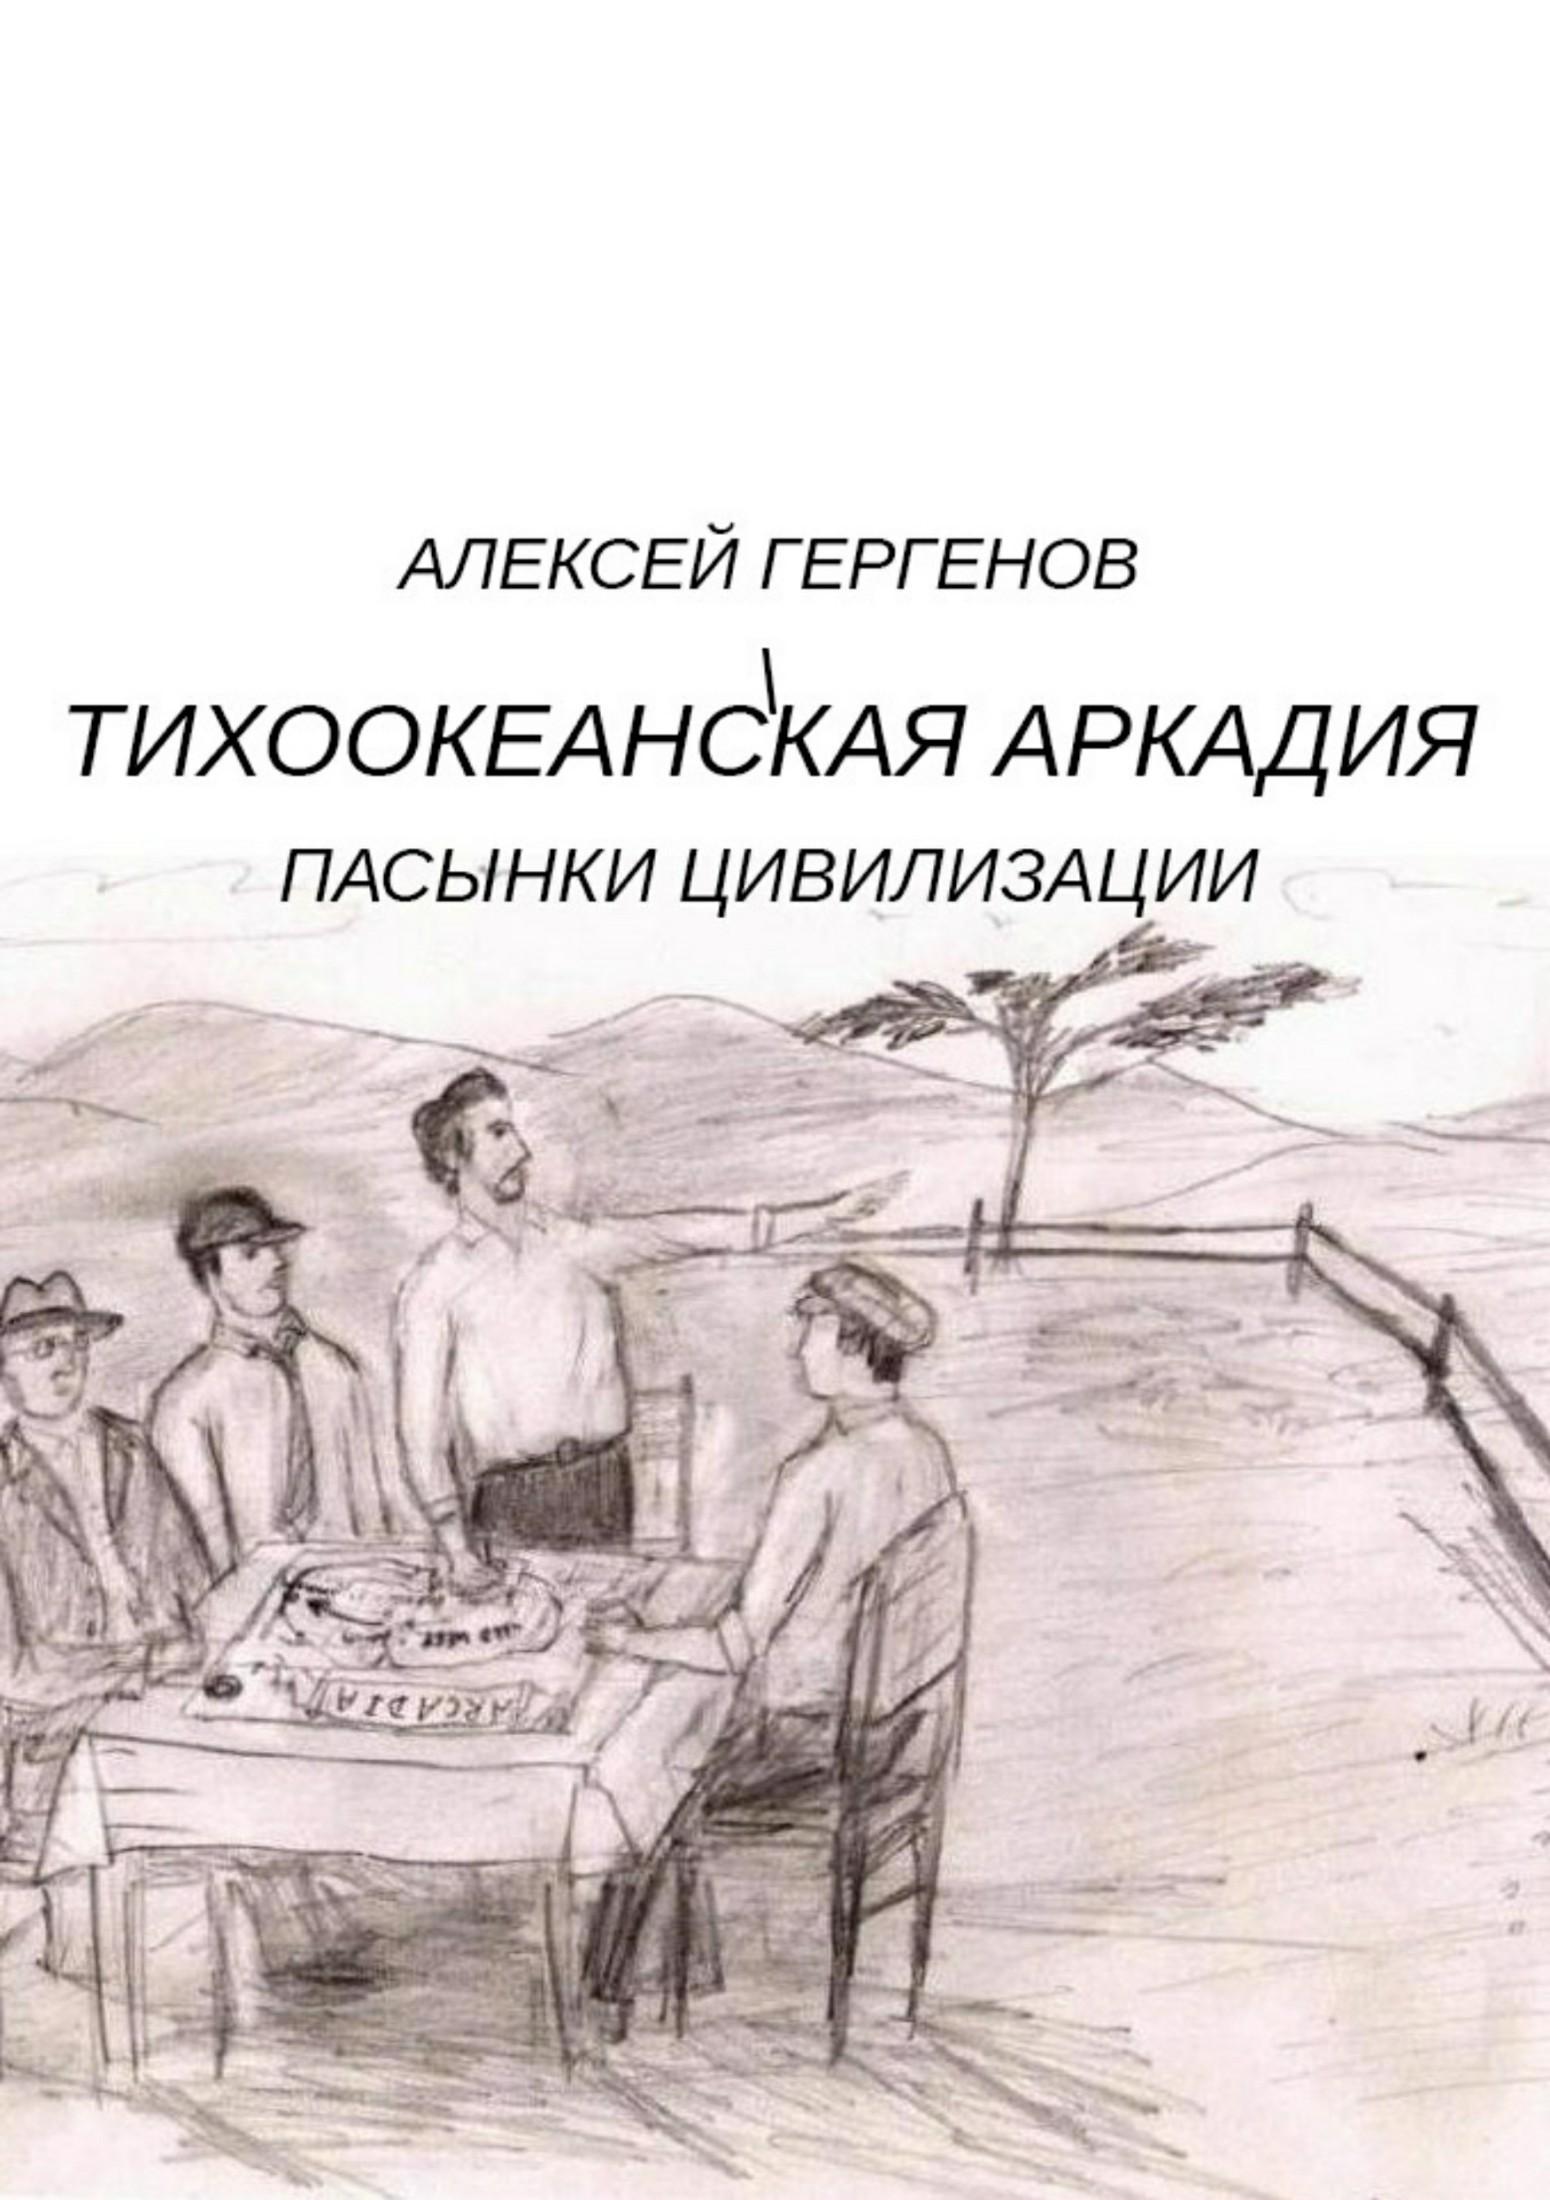 Алексей Гергенов - Тихоокеанская Аркадия. Пасынки цивилизации